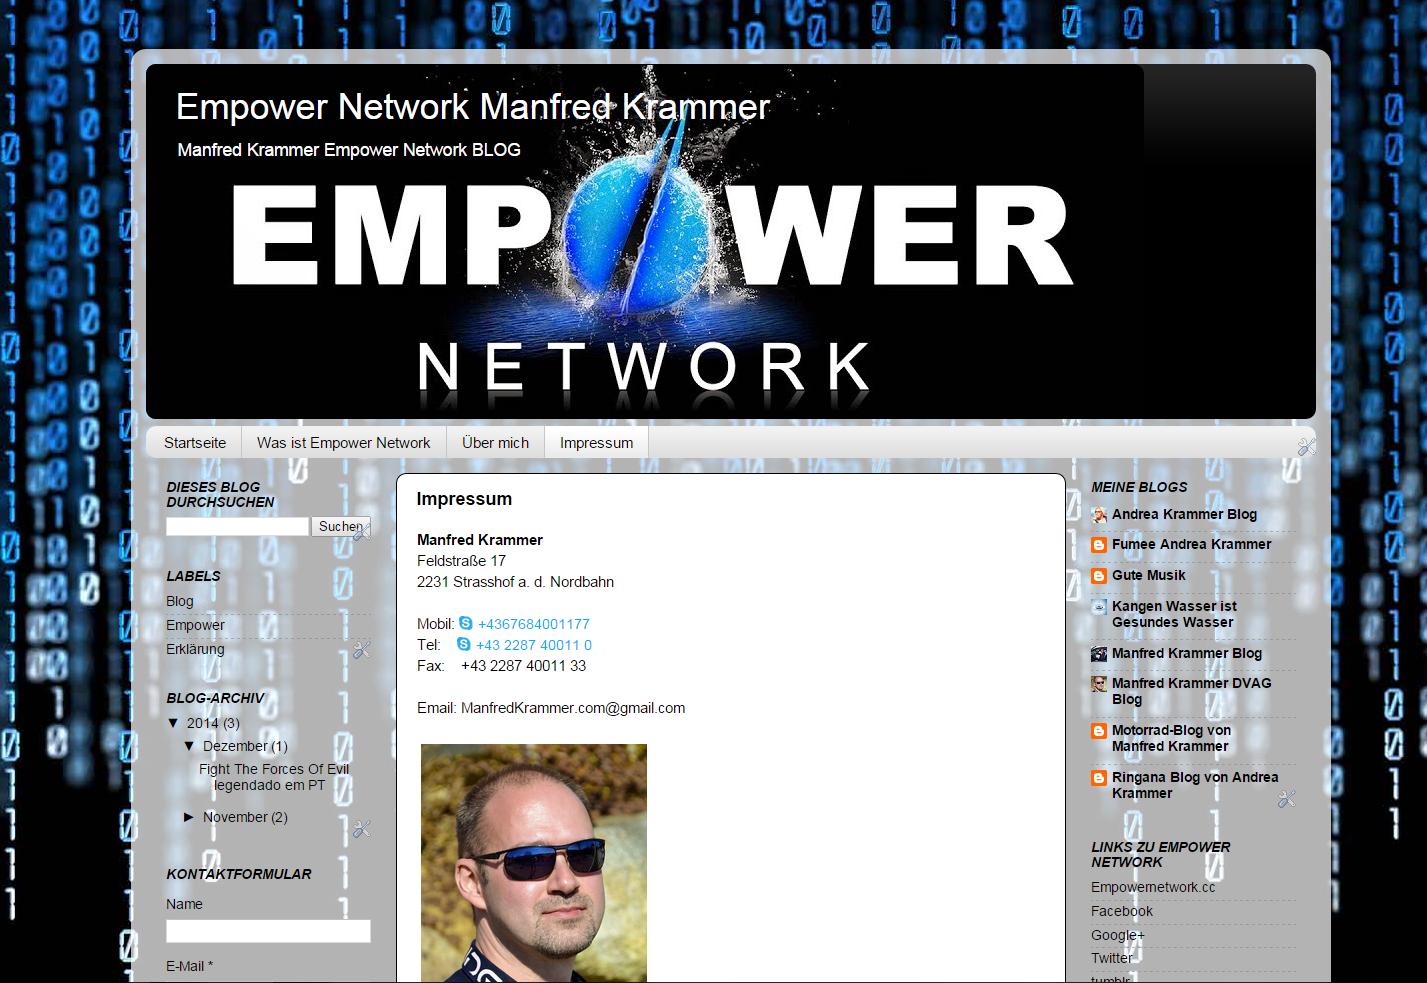 Empower Network Blog